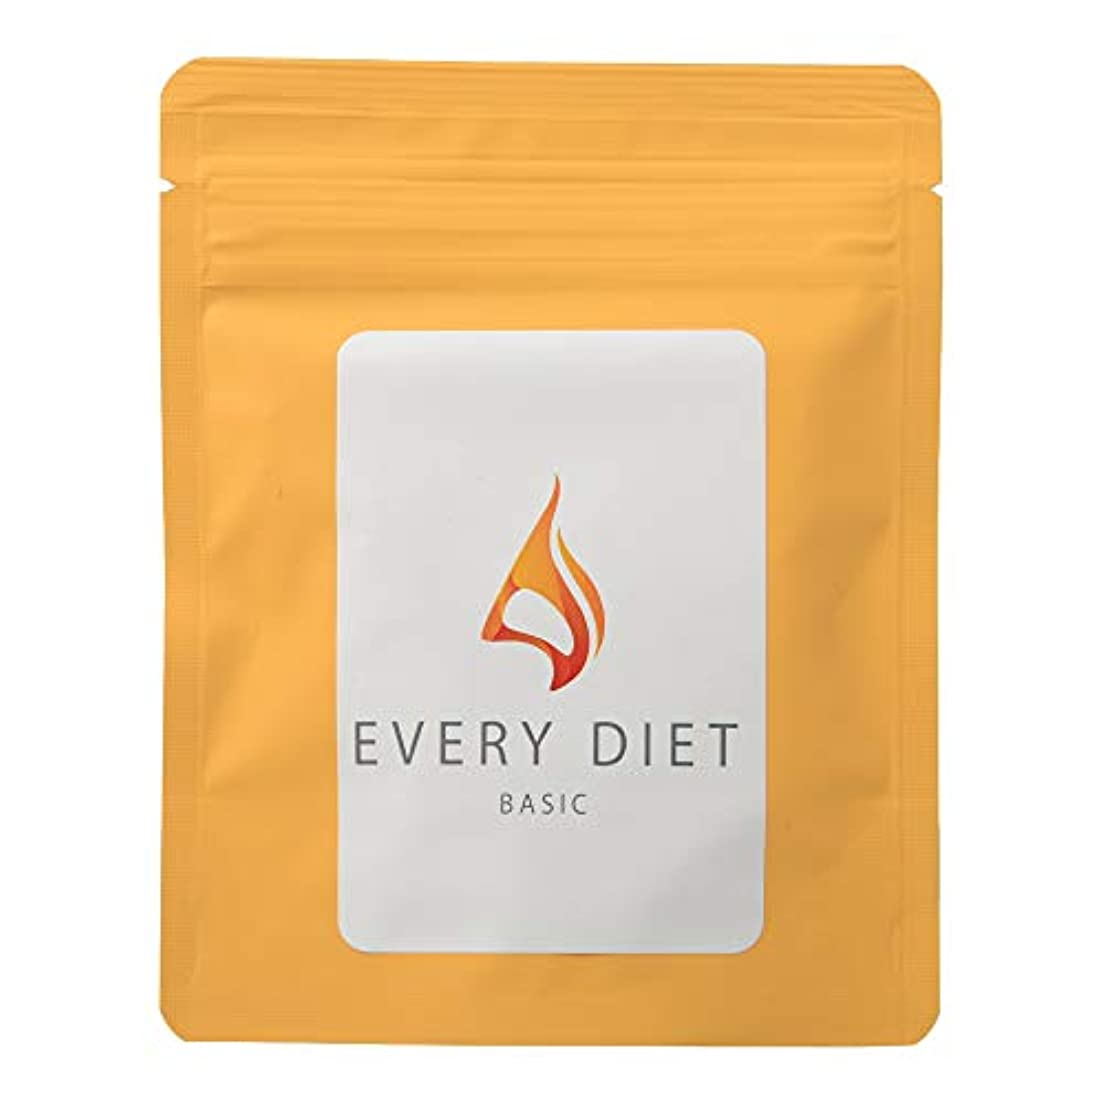 入浴第五診断するEvery Diet Basic (エブリダイエット ベーシック) ダイエット サプリメント [内容量60粒/ 説明書付き]